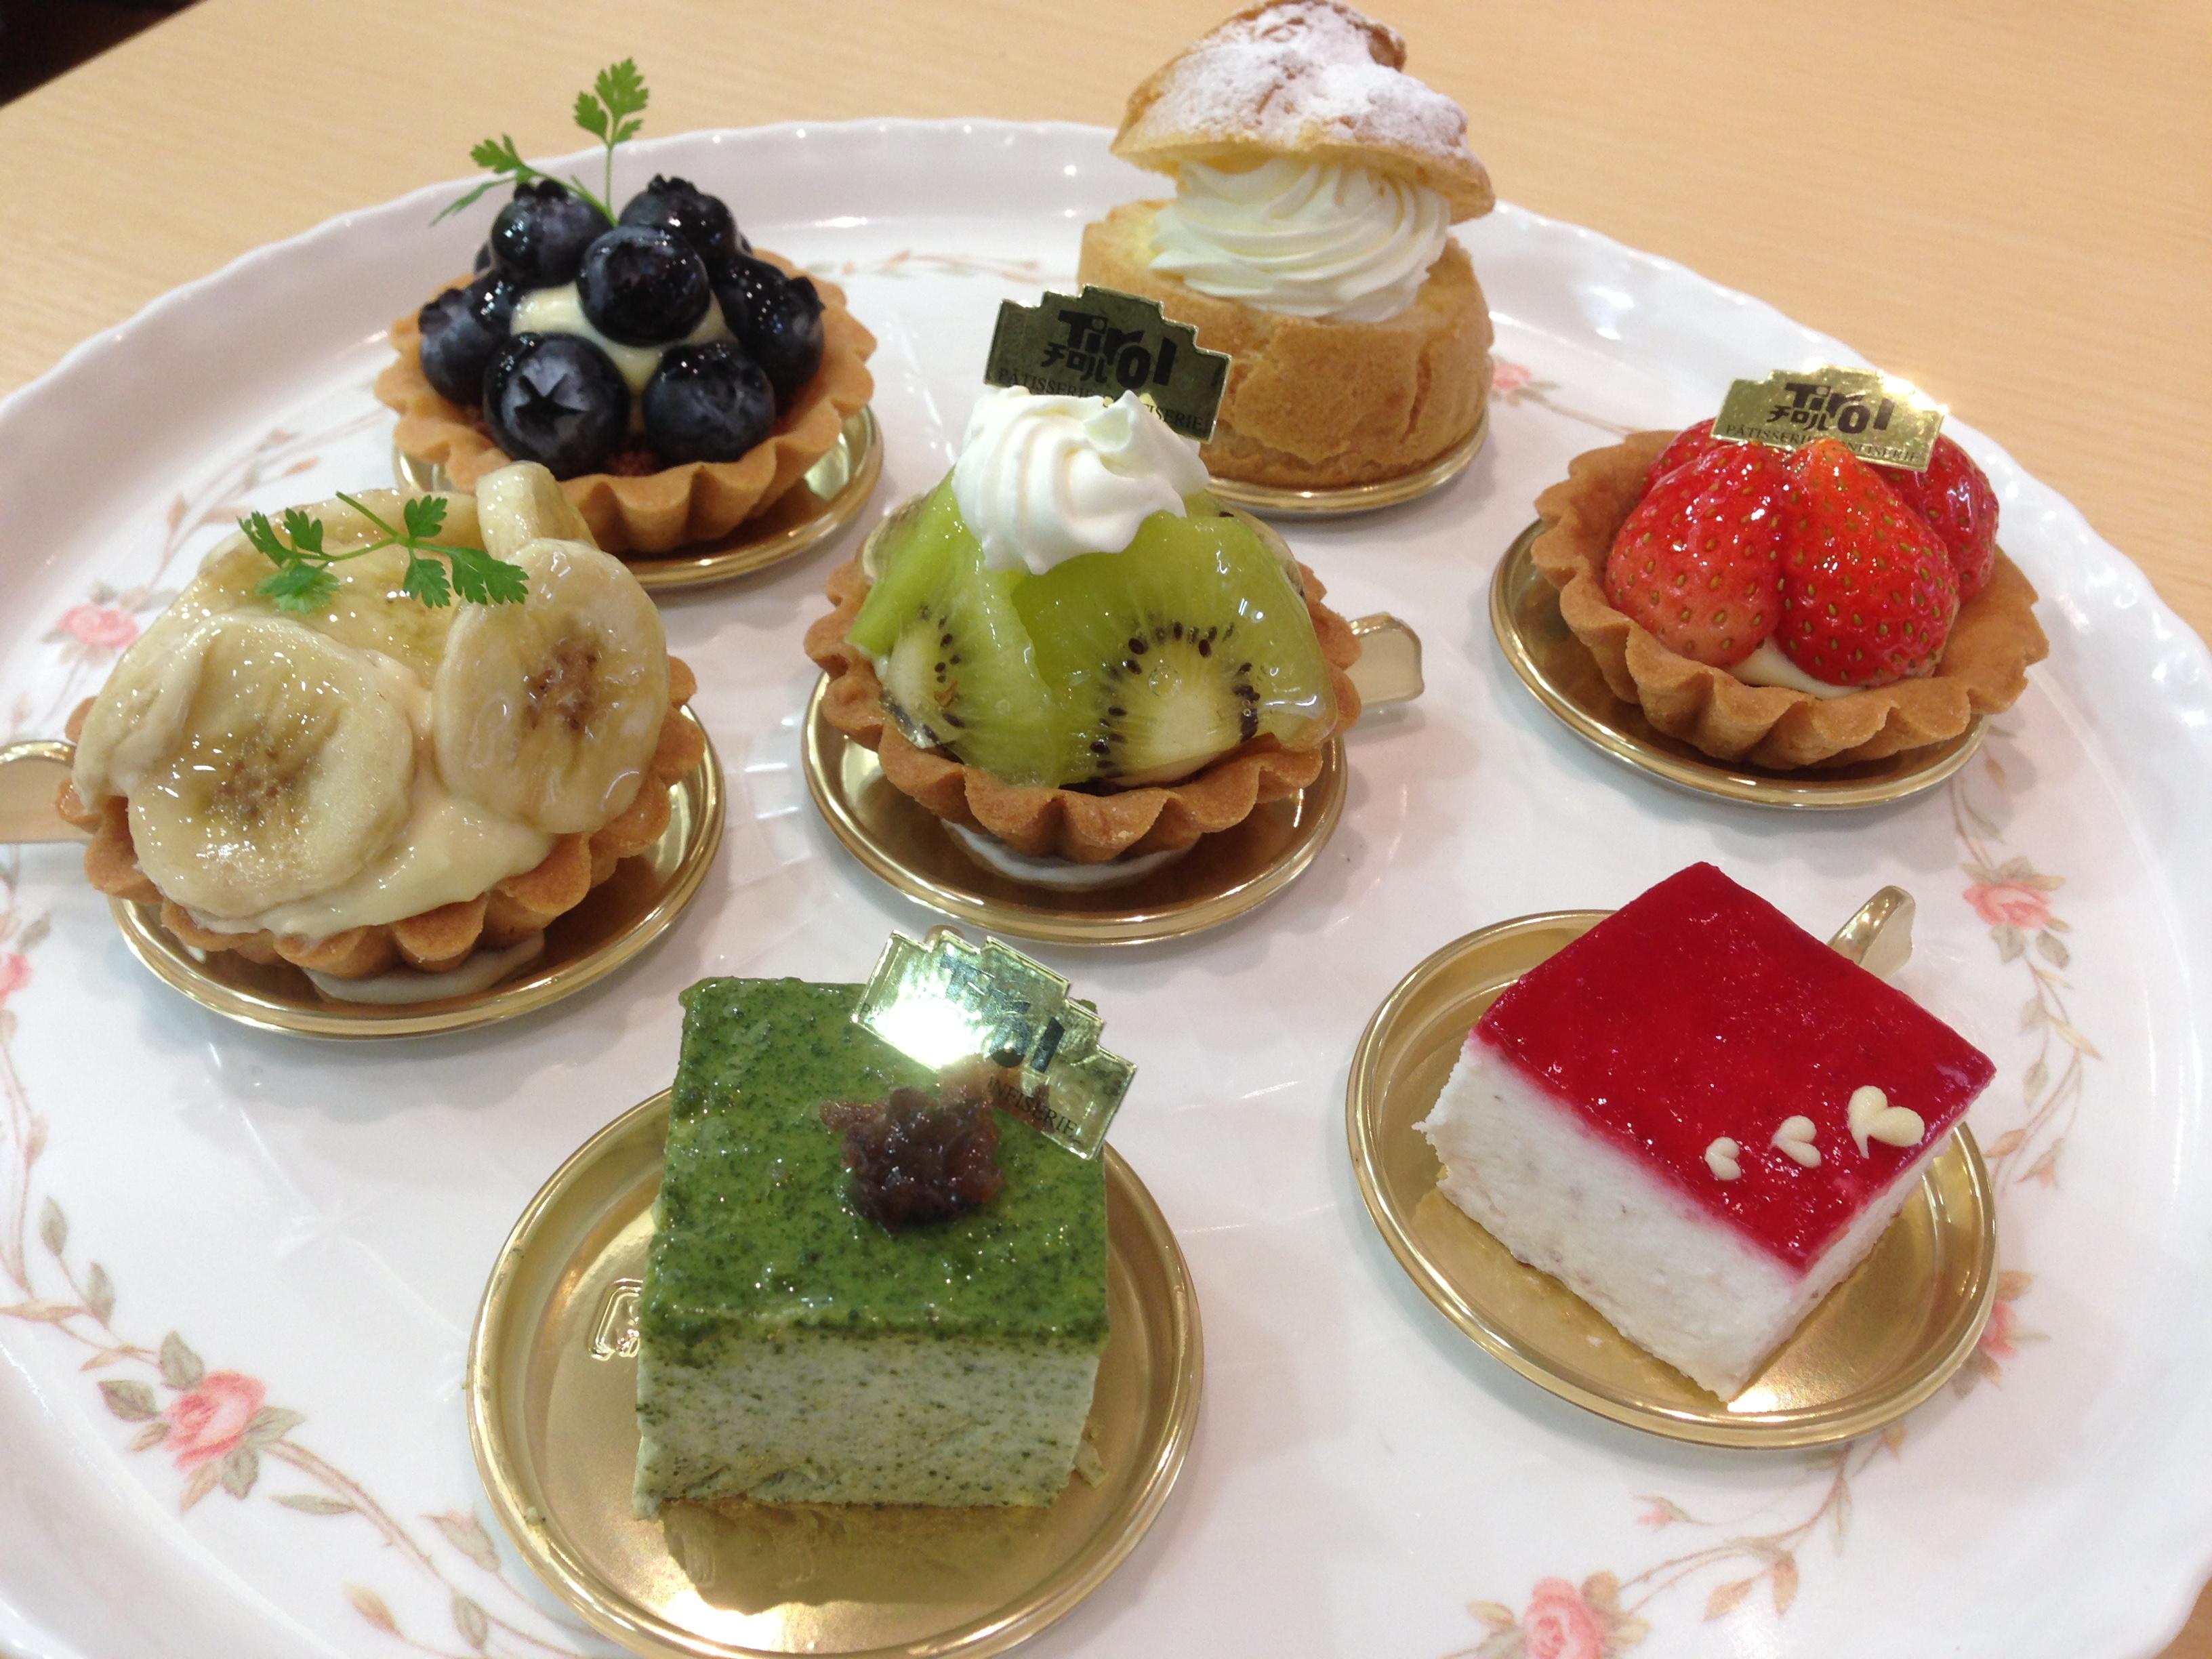 季節のケーキ:桃やラ・フランスなど季節ならではのケーキをお楽しみください。